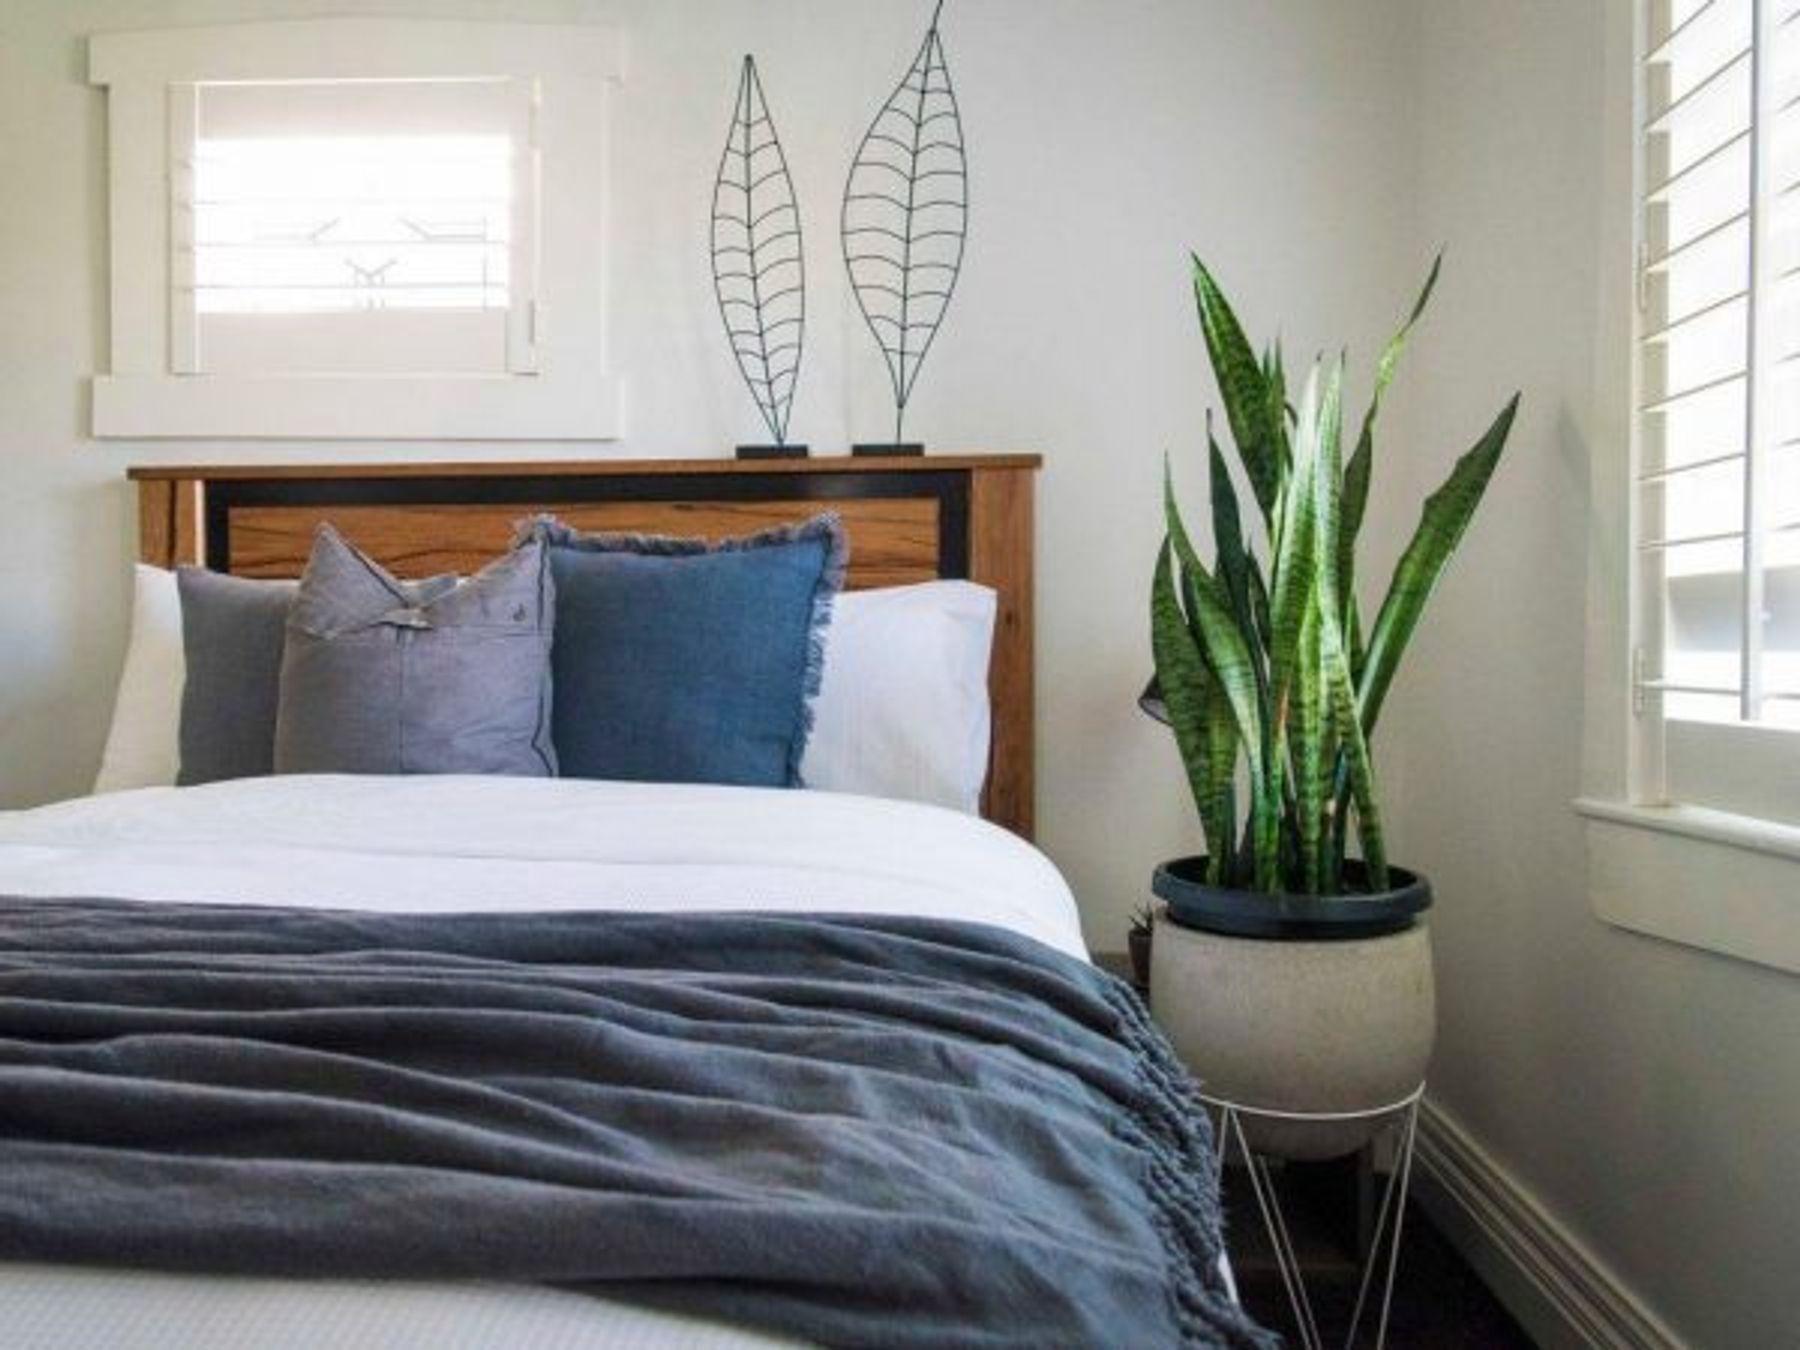 Đặt cây xanh trong phòng ngủ để khử mùi hôi phòng